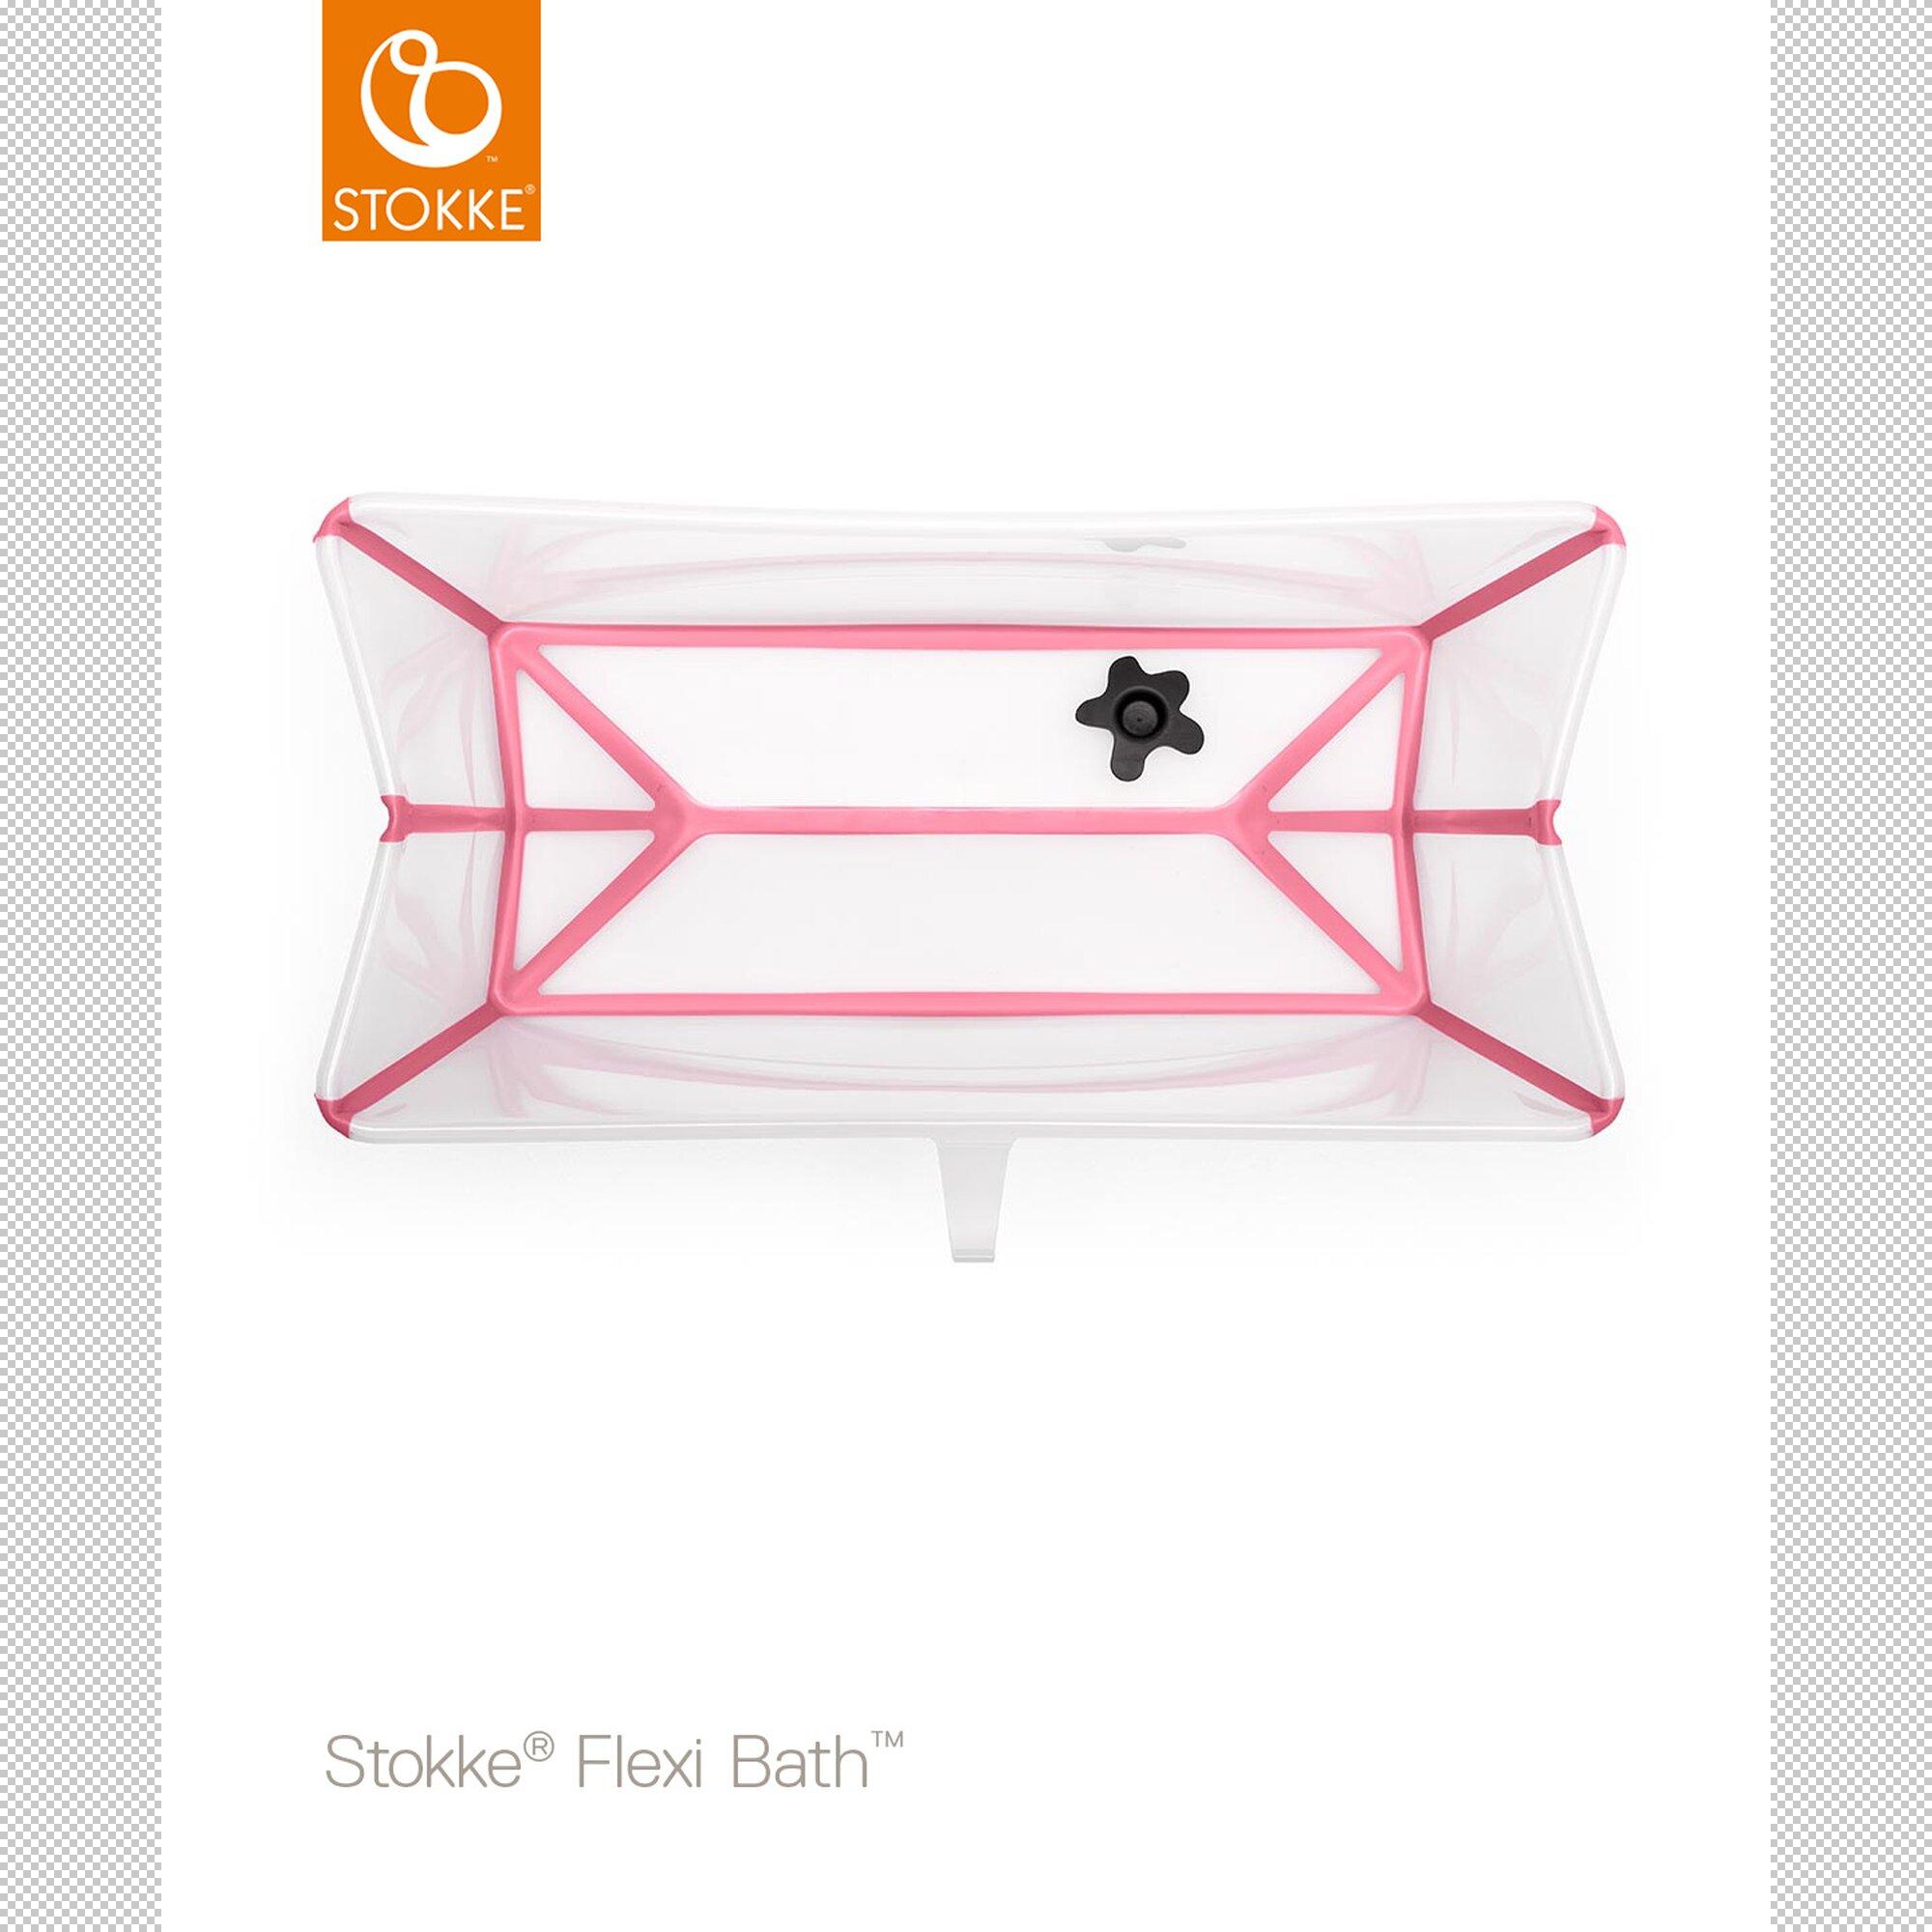 flexibath-badewanne-mit-hitzeempfindlichem-stopsel